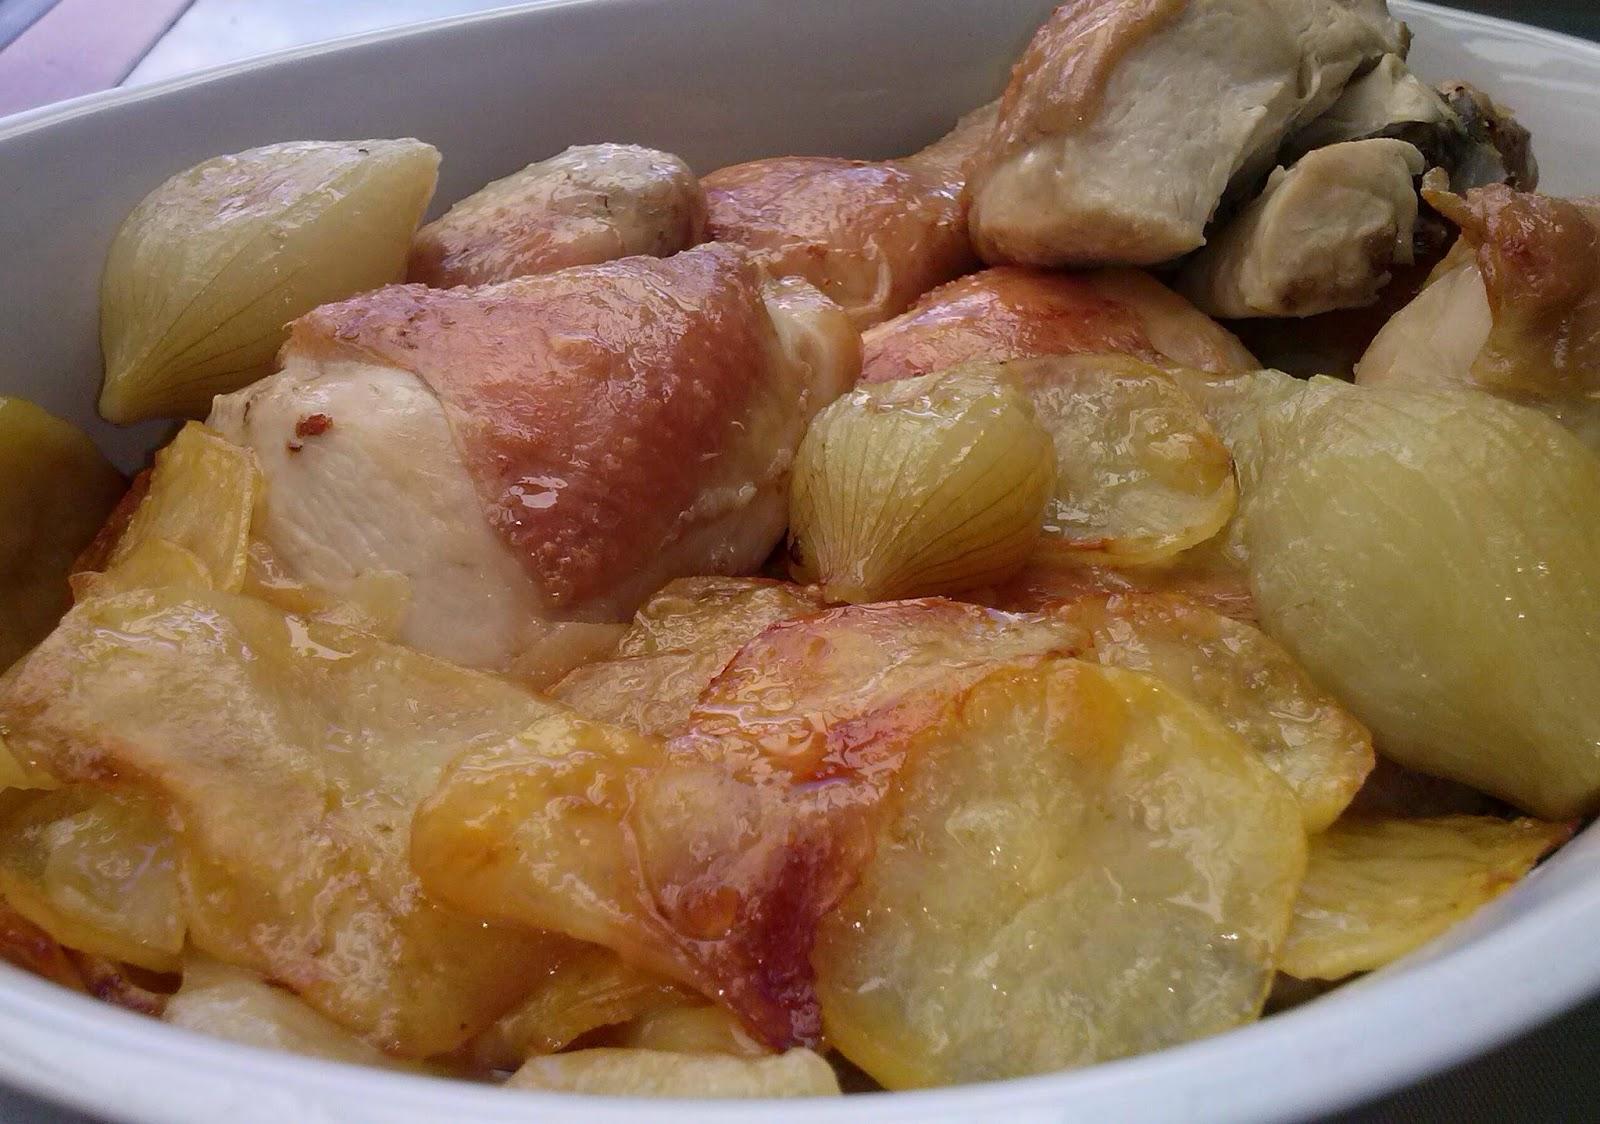 Como Cocinar Pollo Al Horno | La Cocina De Sole Pollo Asado En Trozos Con Patatas Panaderas